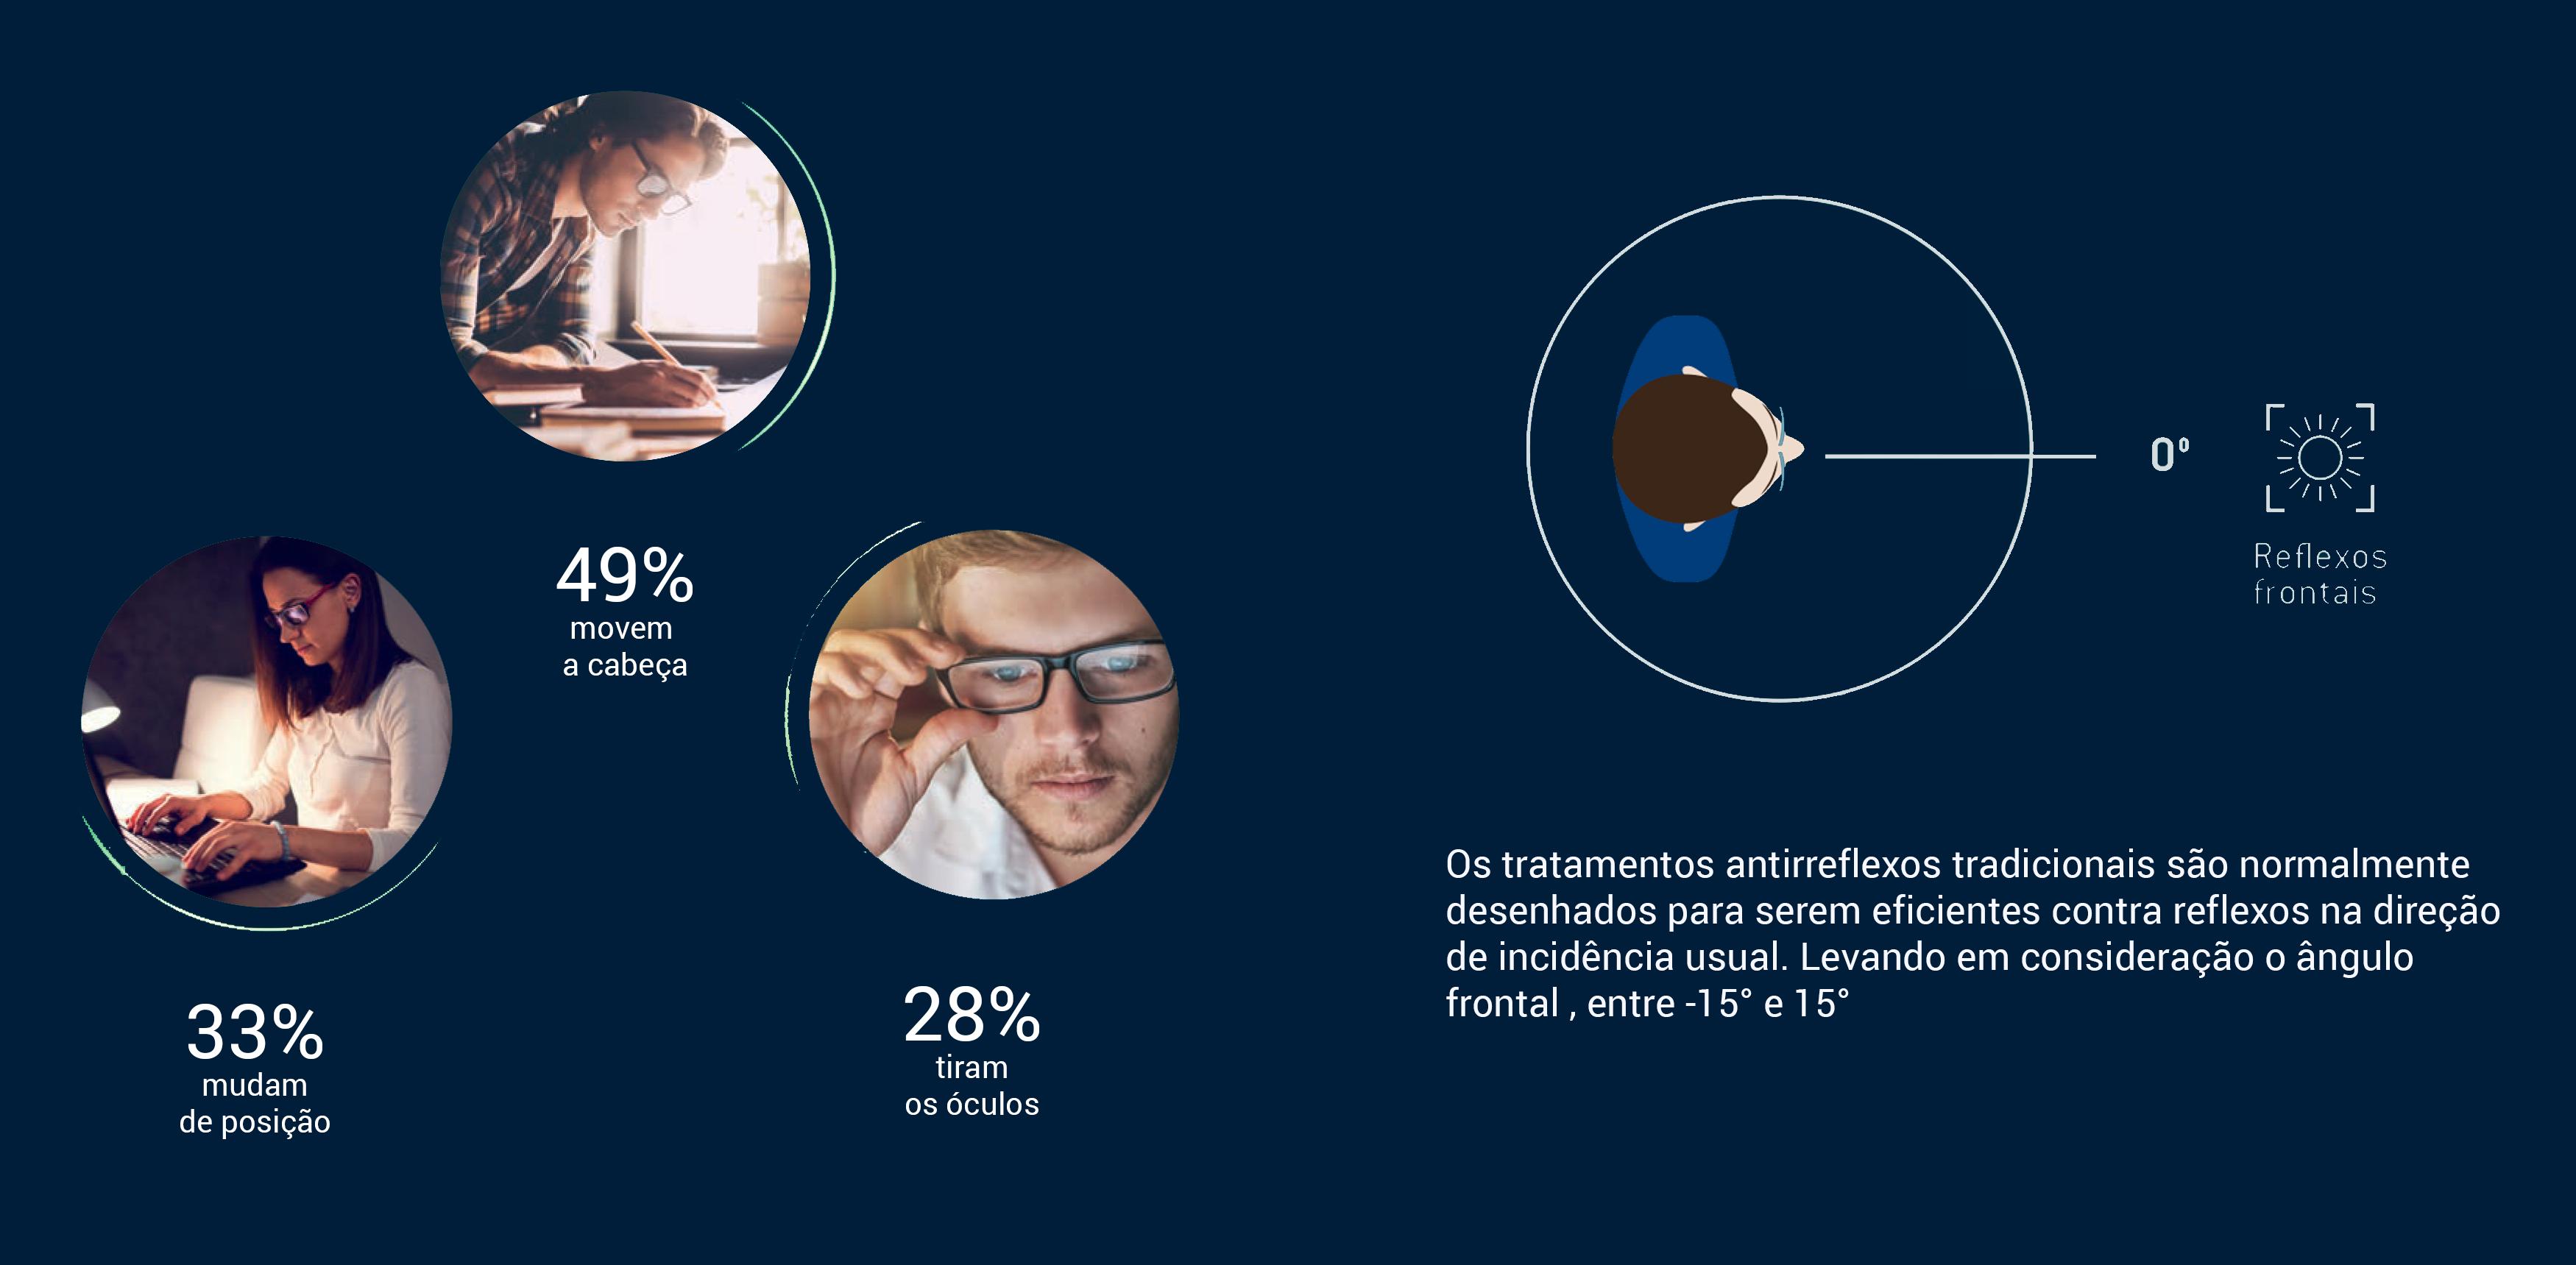 ba958d3b3d3ad Em pesquisa realizada pela Essilor, fabricante das lentes Crizal, ouviu  usuários de óculos do mundo para saber como os reflexos afetam os seus  hábitos¹.